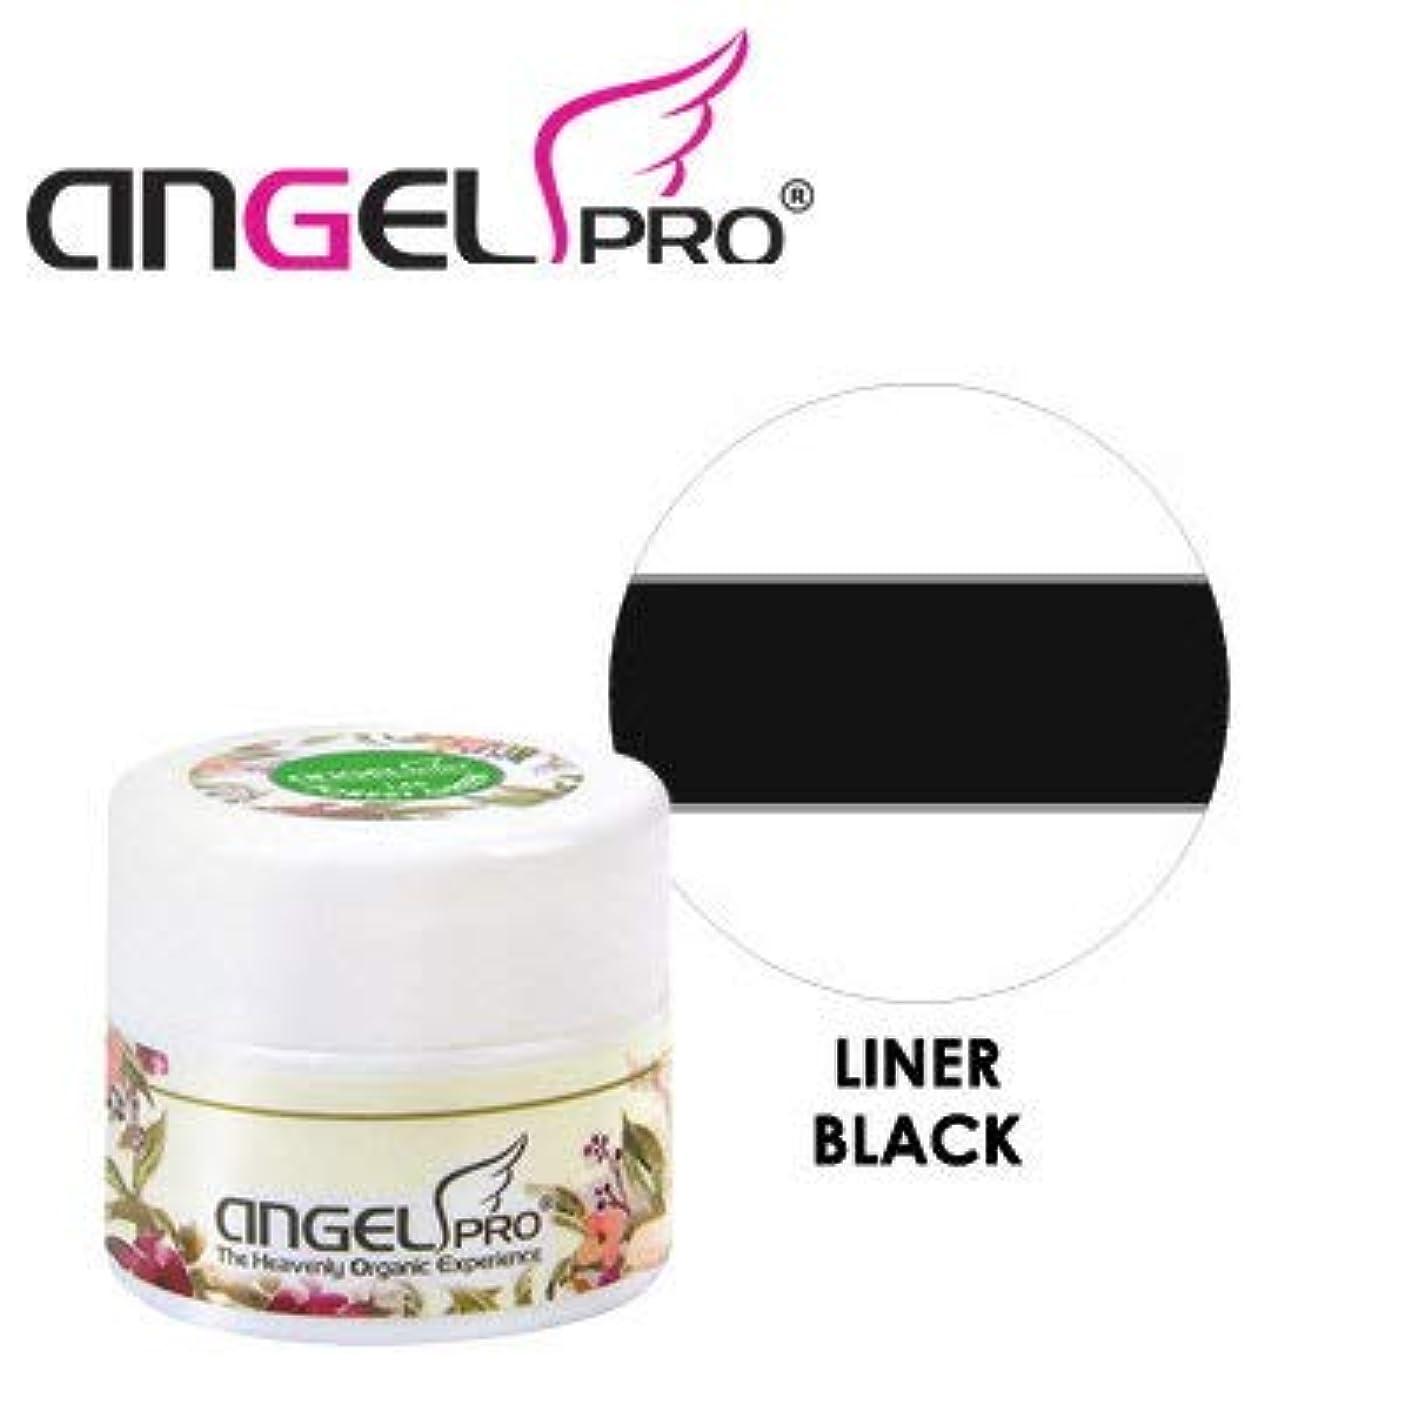 なだめるハウジング扇動するANGEL PRO ポットジェリー LINER BLACK 4g